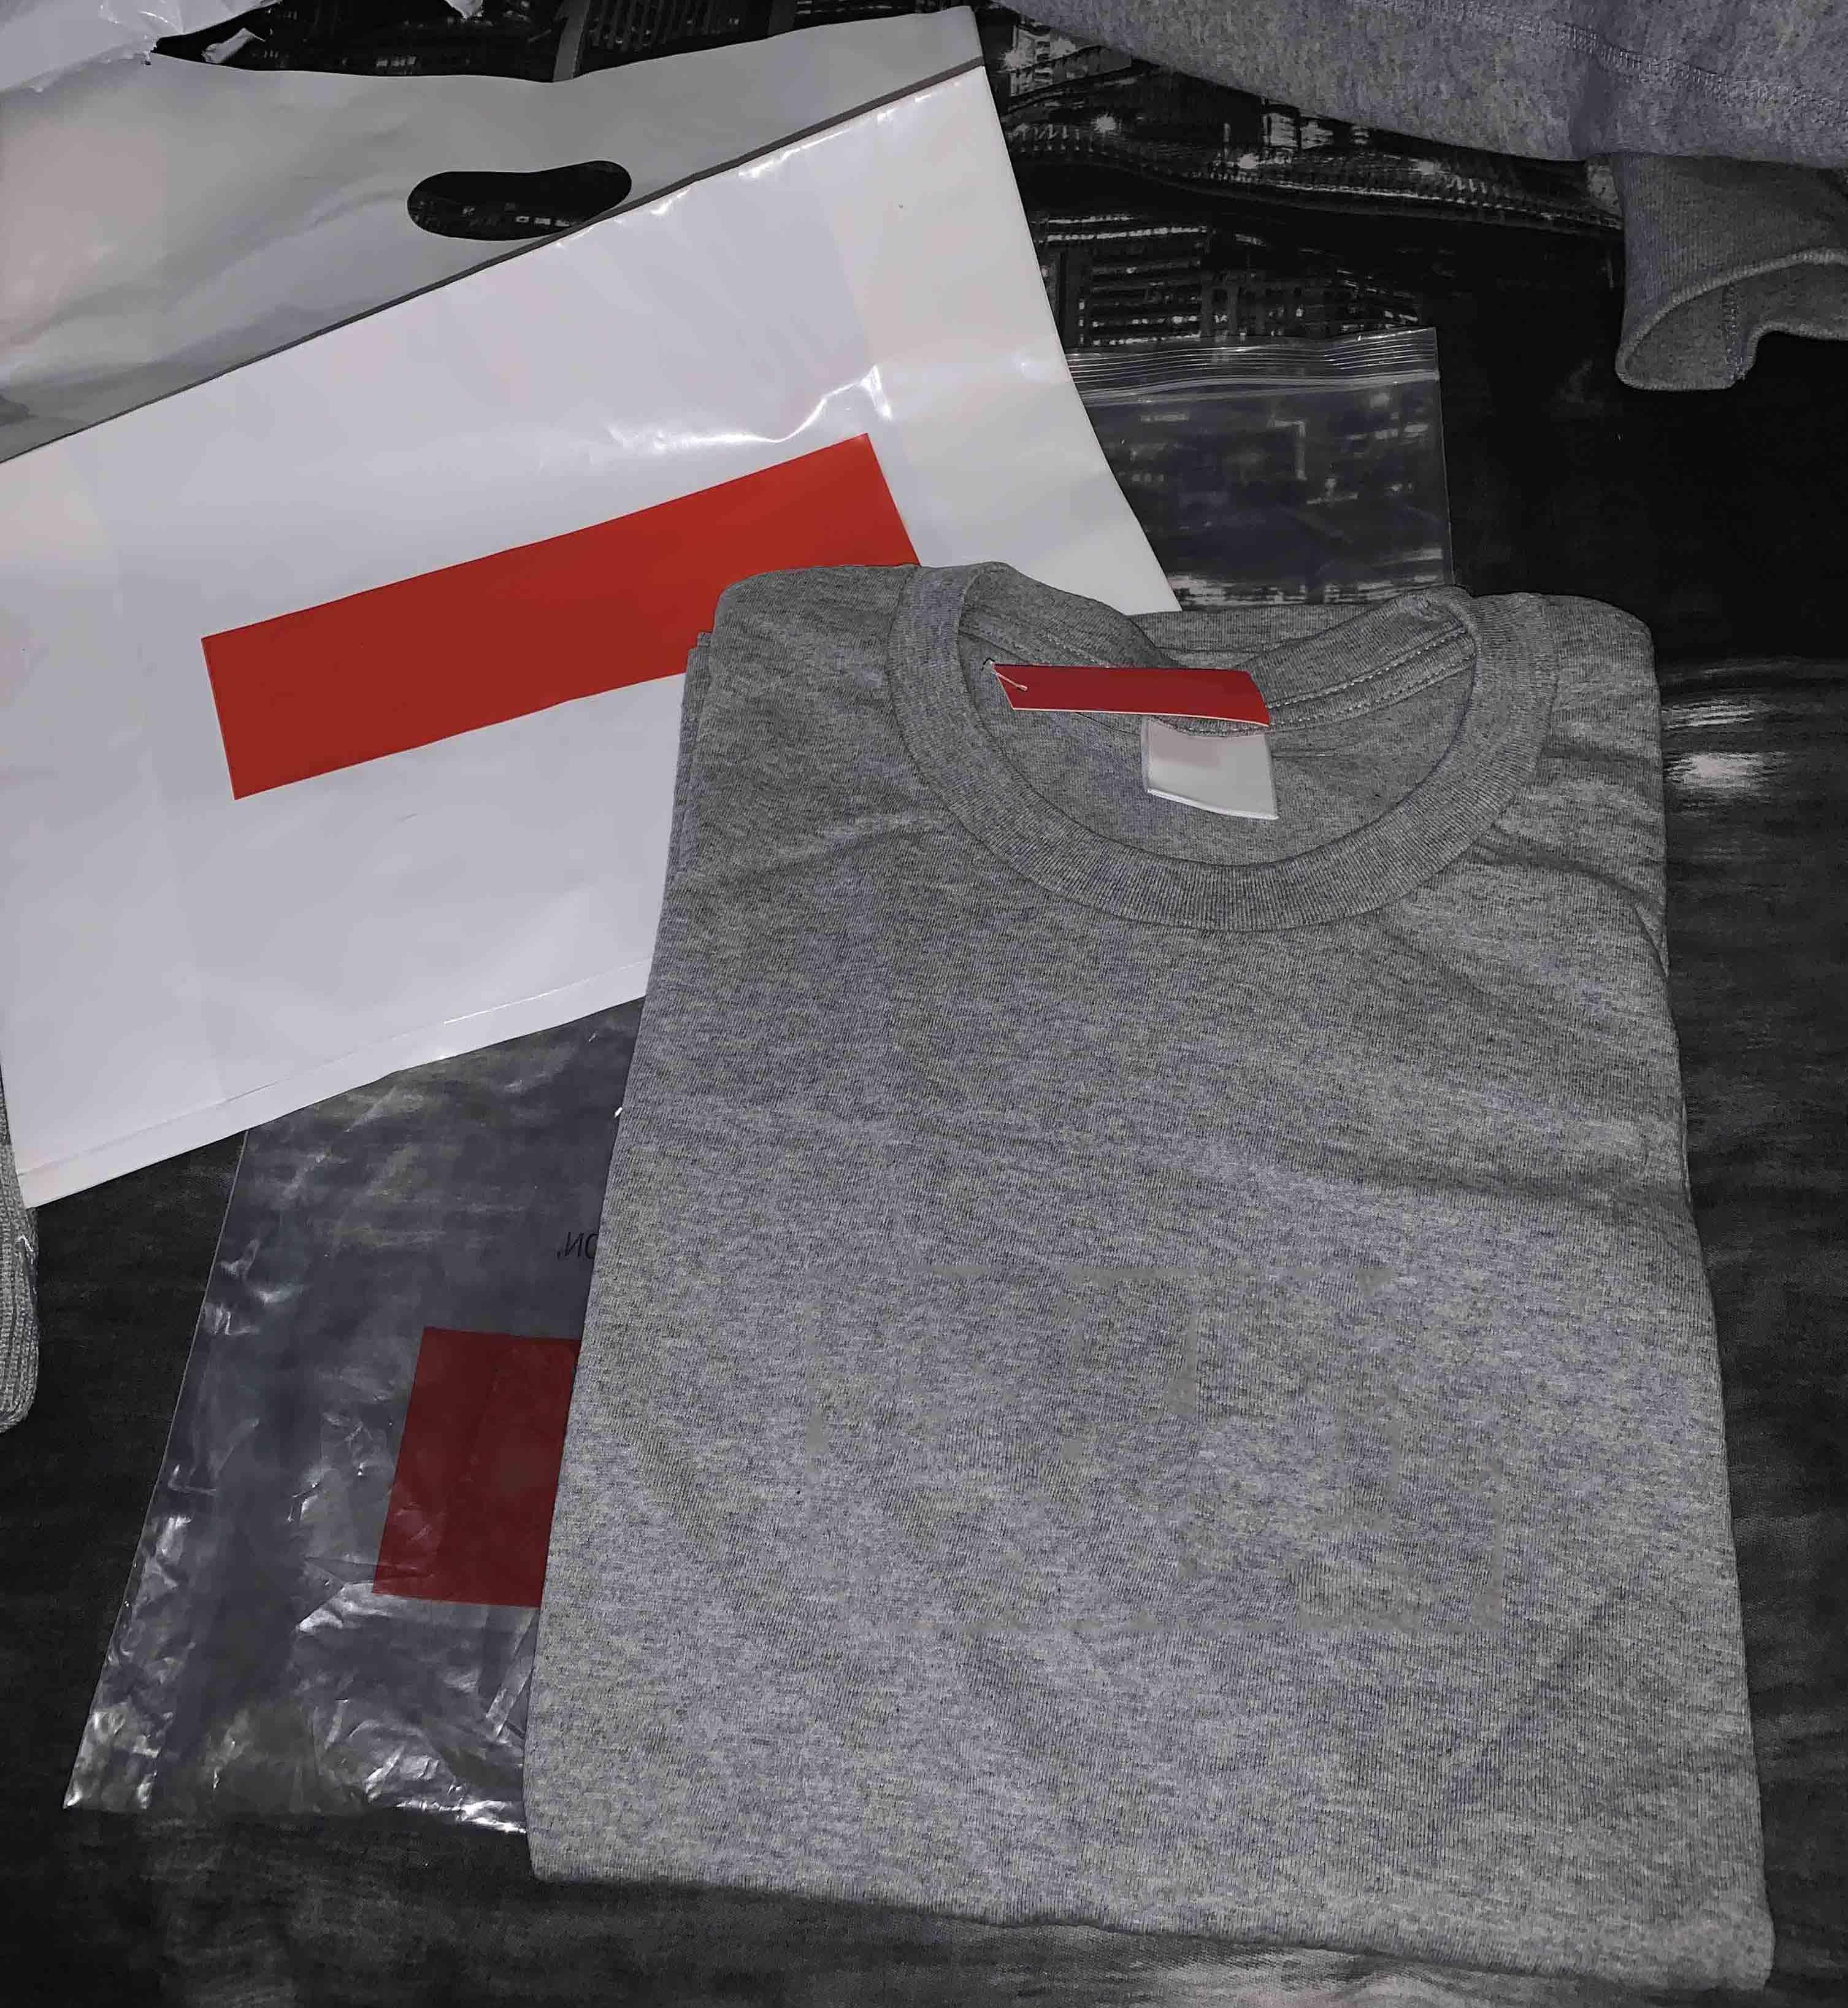 Письма шаблон мужская футболка 21ss лето новых мальчиков топы повседневные 2021Womens TEEs повседневная хипхоп уличная одежда мальчики дышащие унисекс